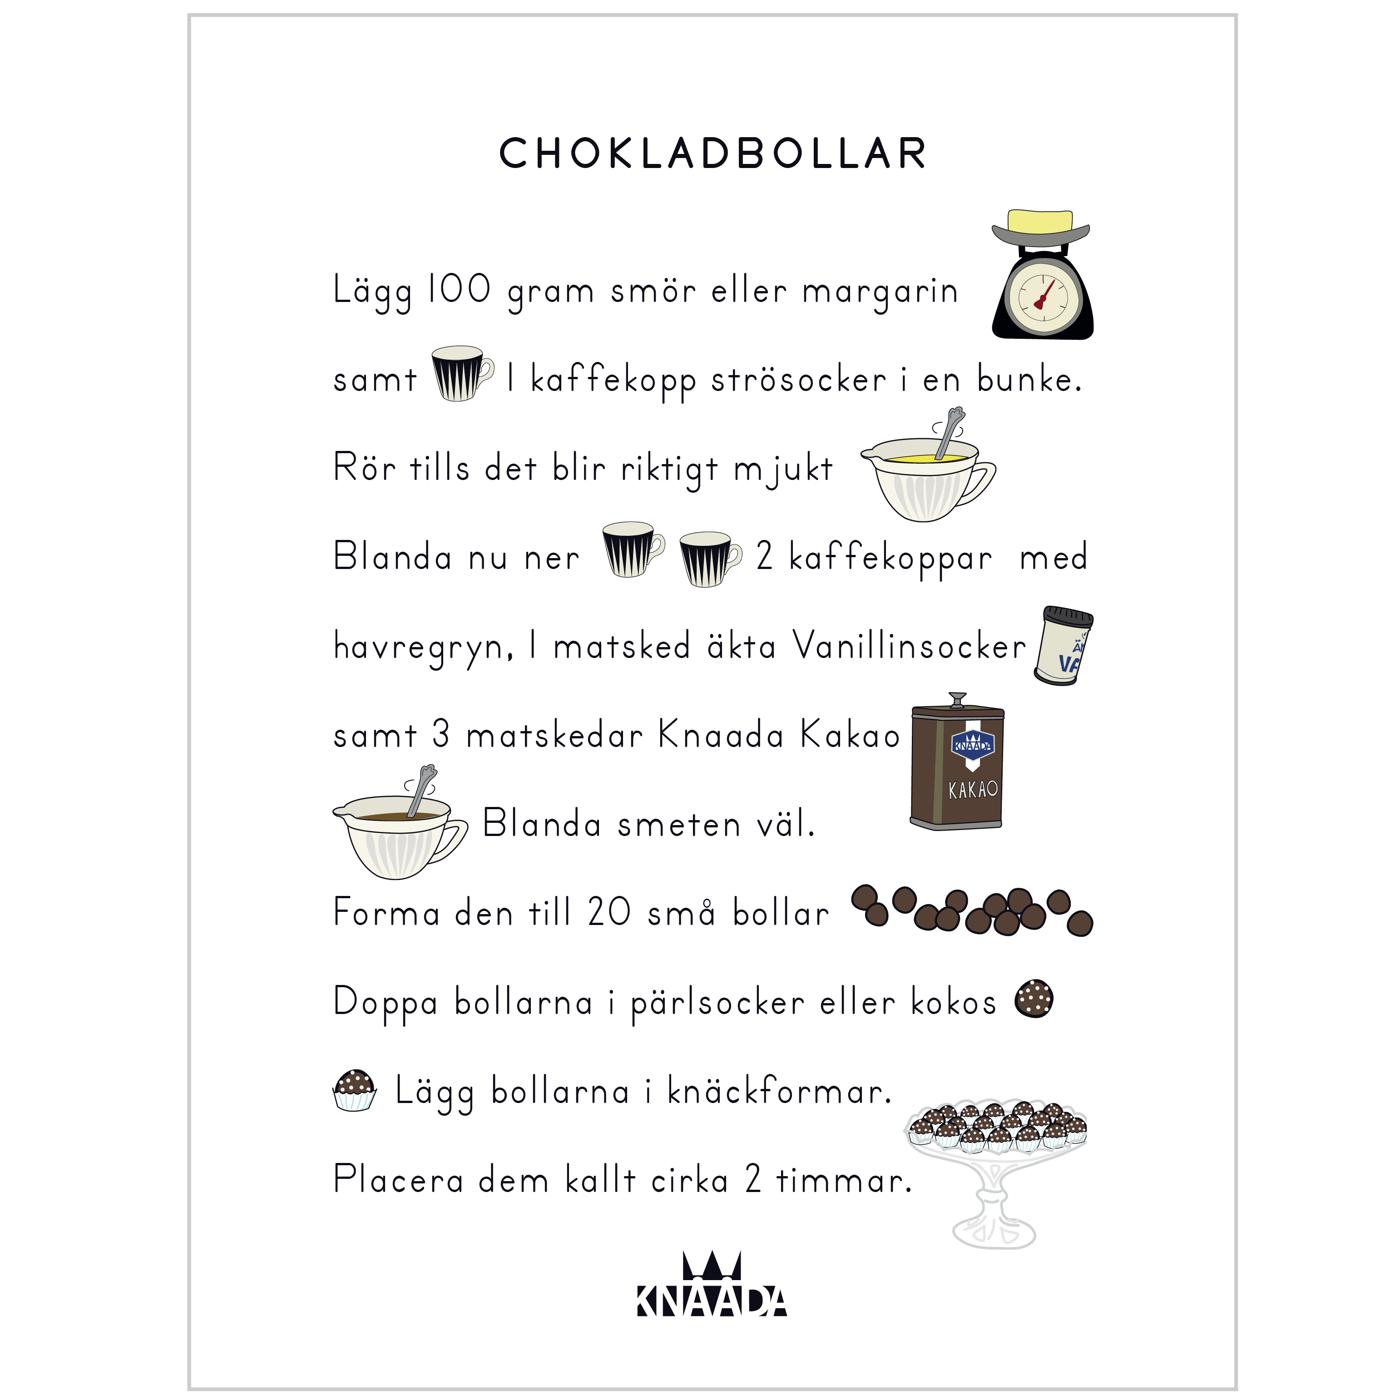 Recept Chokladbollar - Kök - Kökstavla